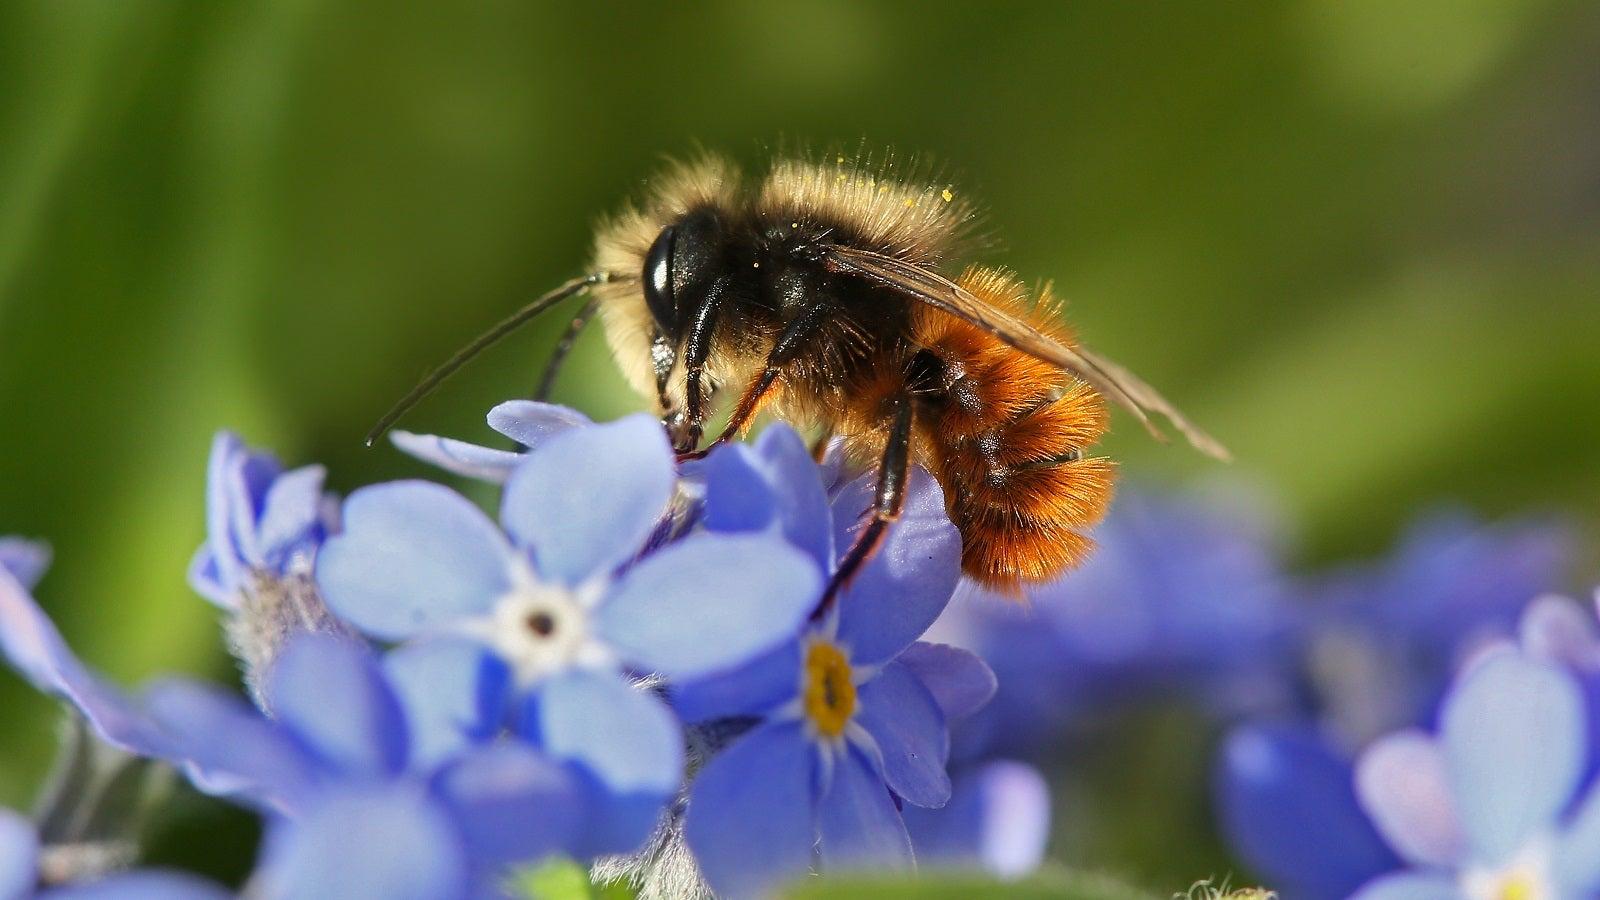 Biene ist nicht gleich Biene: ein Nutztier und 560 bedrohte Verwandte   The Weather Channel - Artikel von The Weather Channel   weather.com